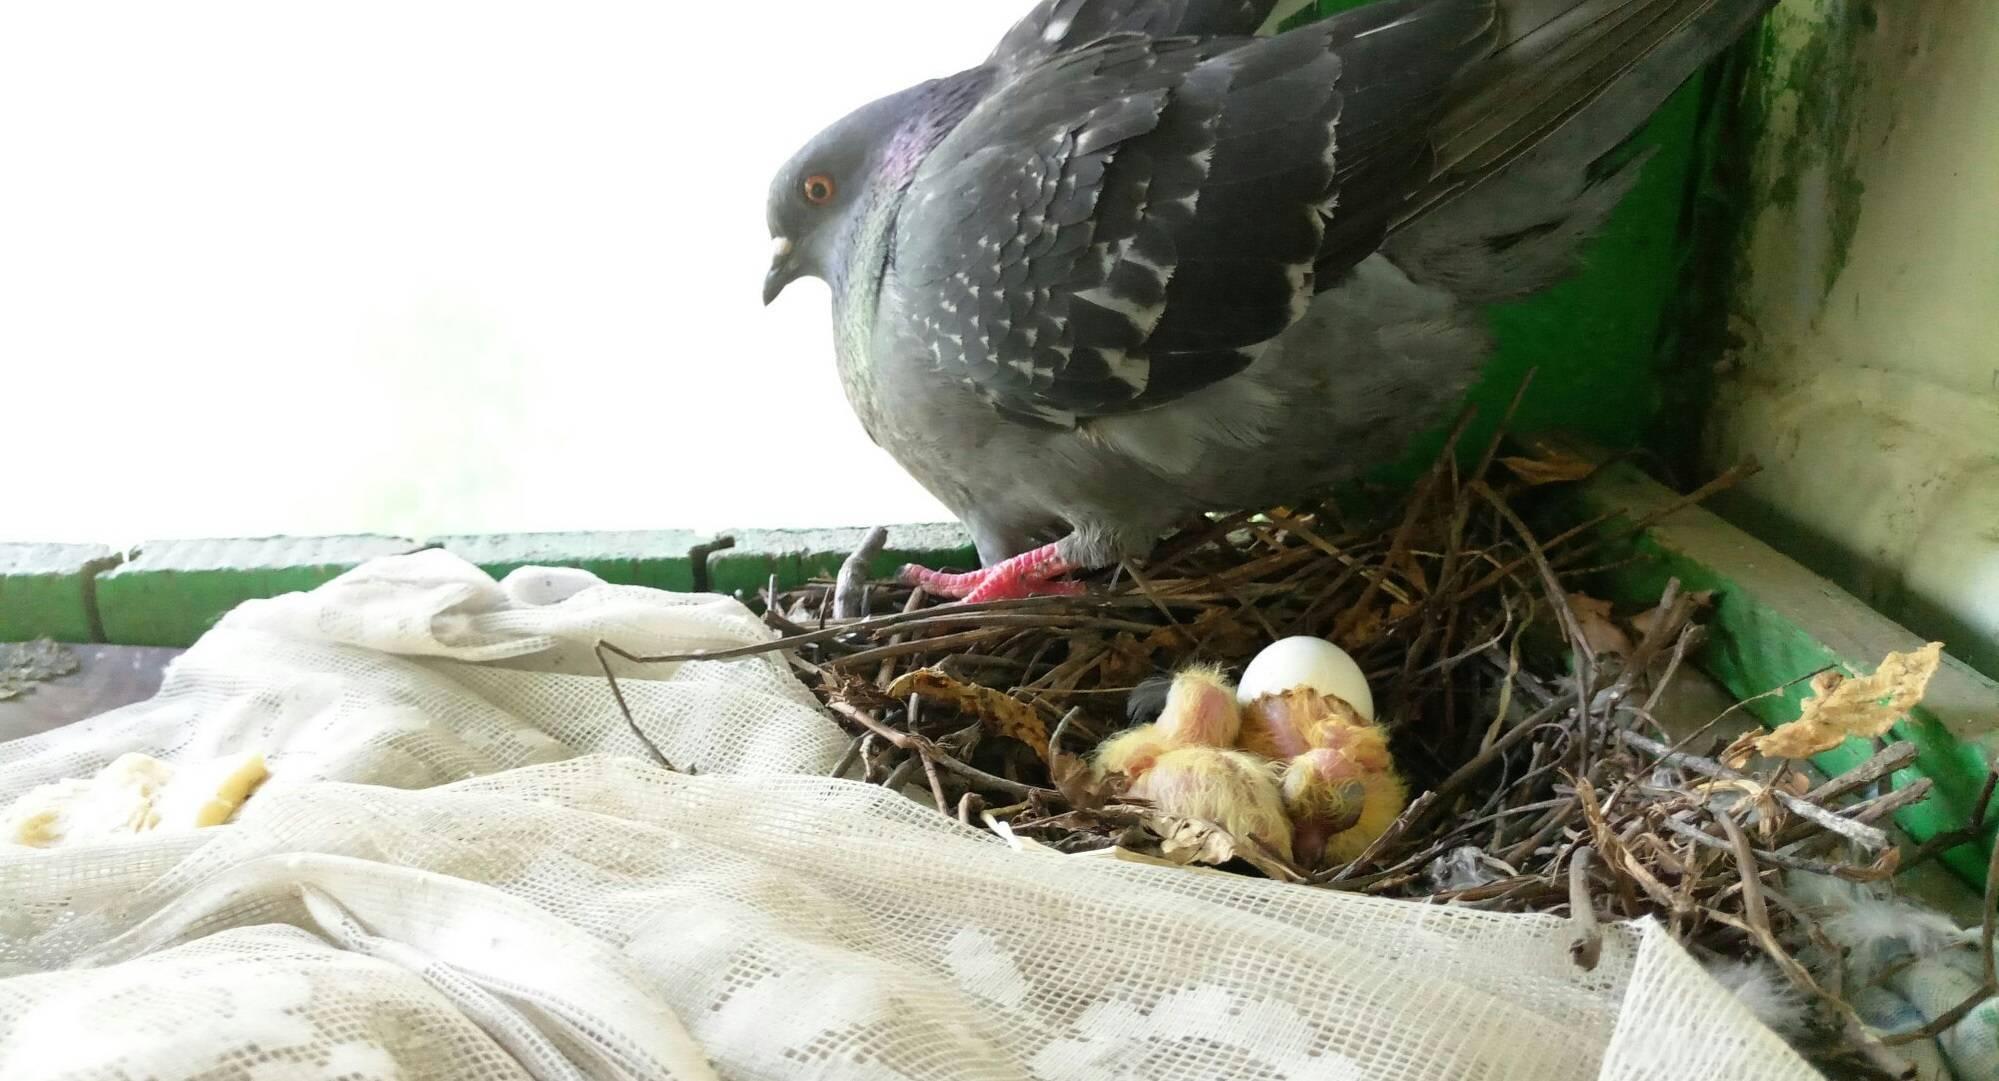 Чем кормить птенца голубя в домашних условиях, если он выпал, что они едят в дикой природе